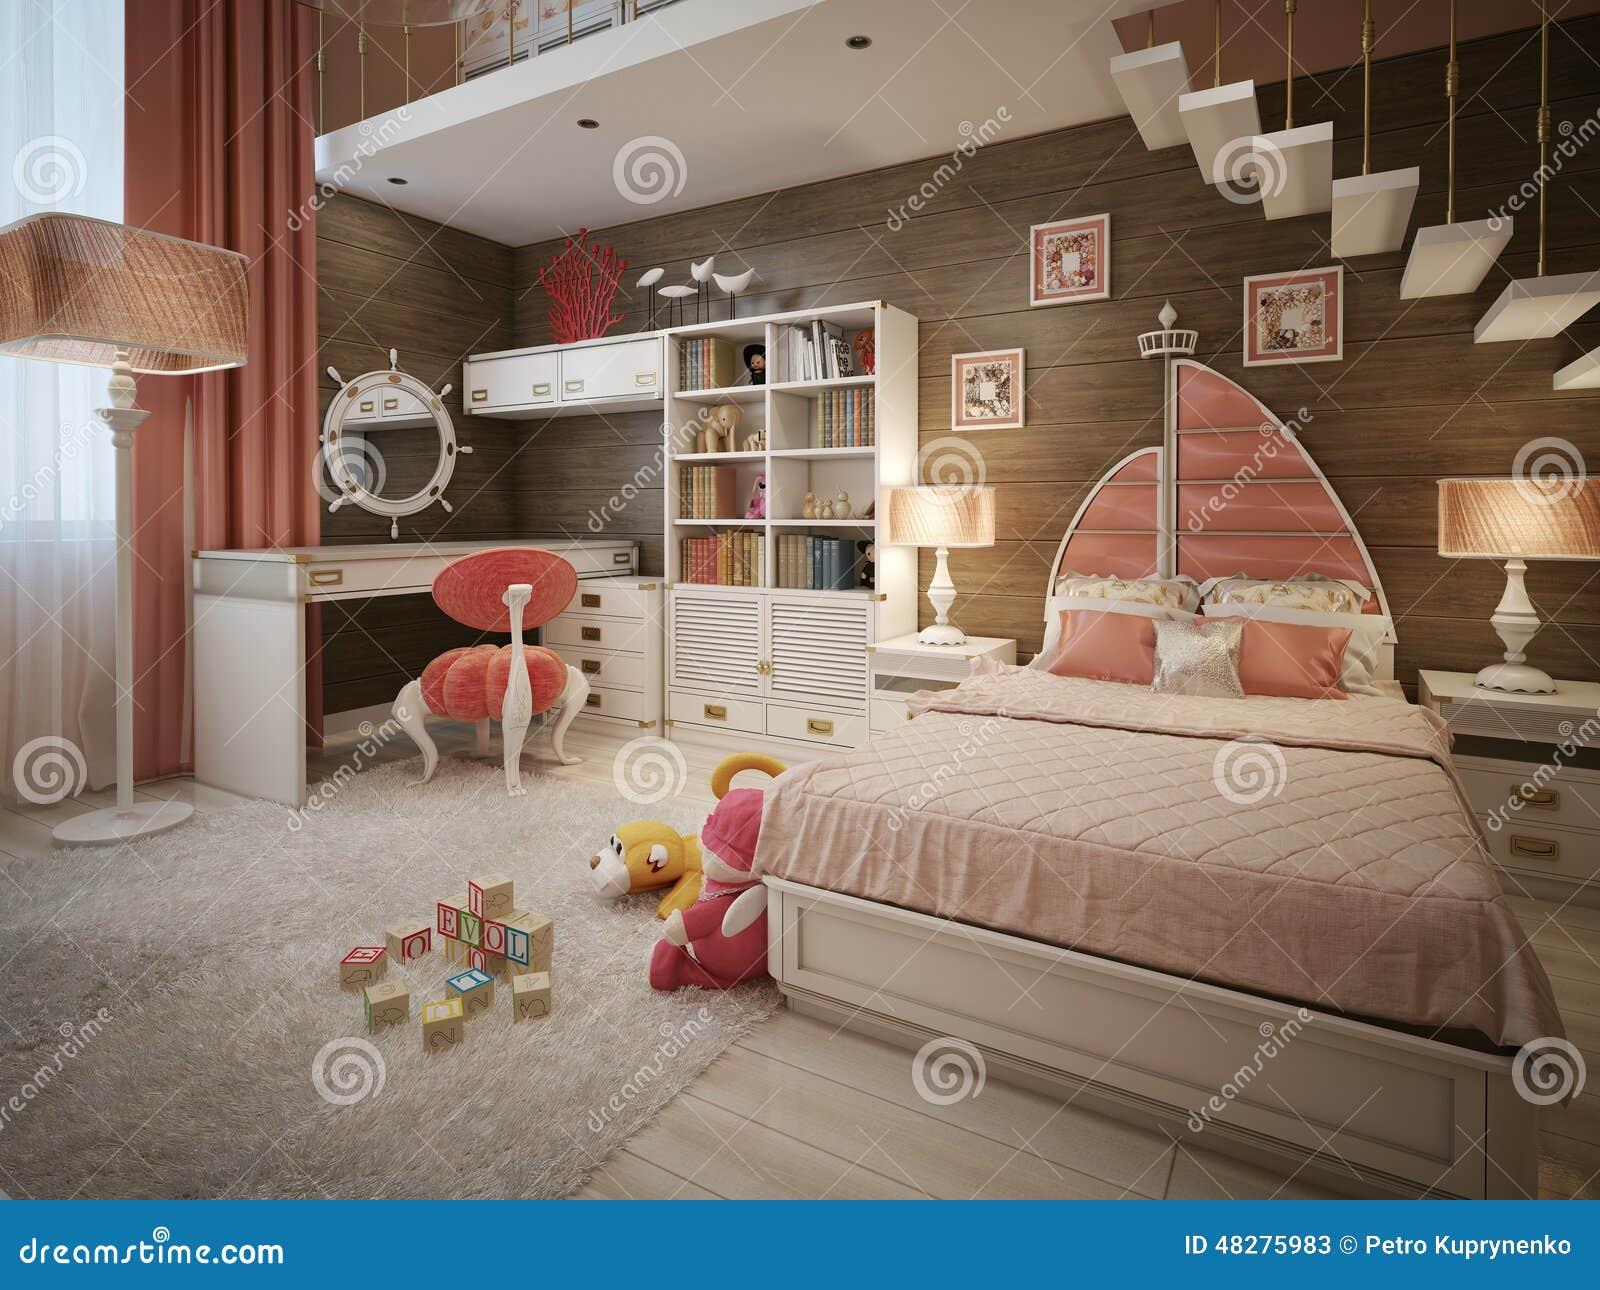 Mädchenschlafzimmer In Der Neoklassischen Art Stock Abbildung ...